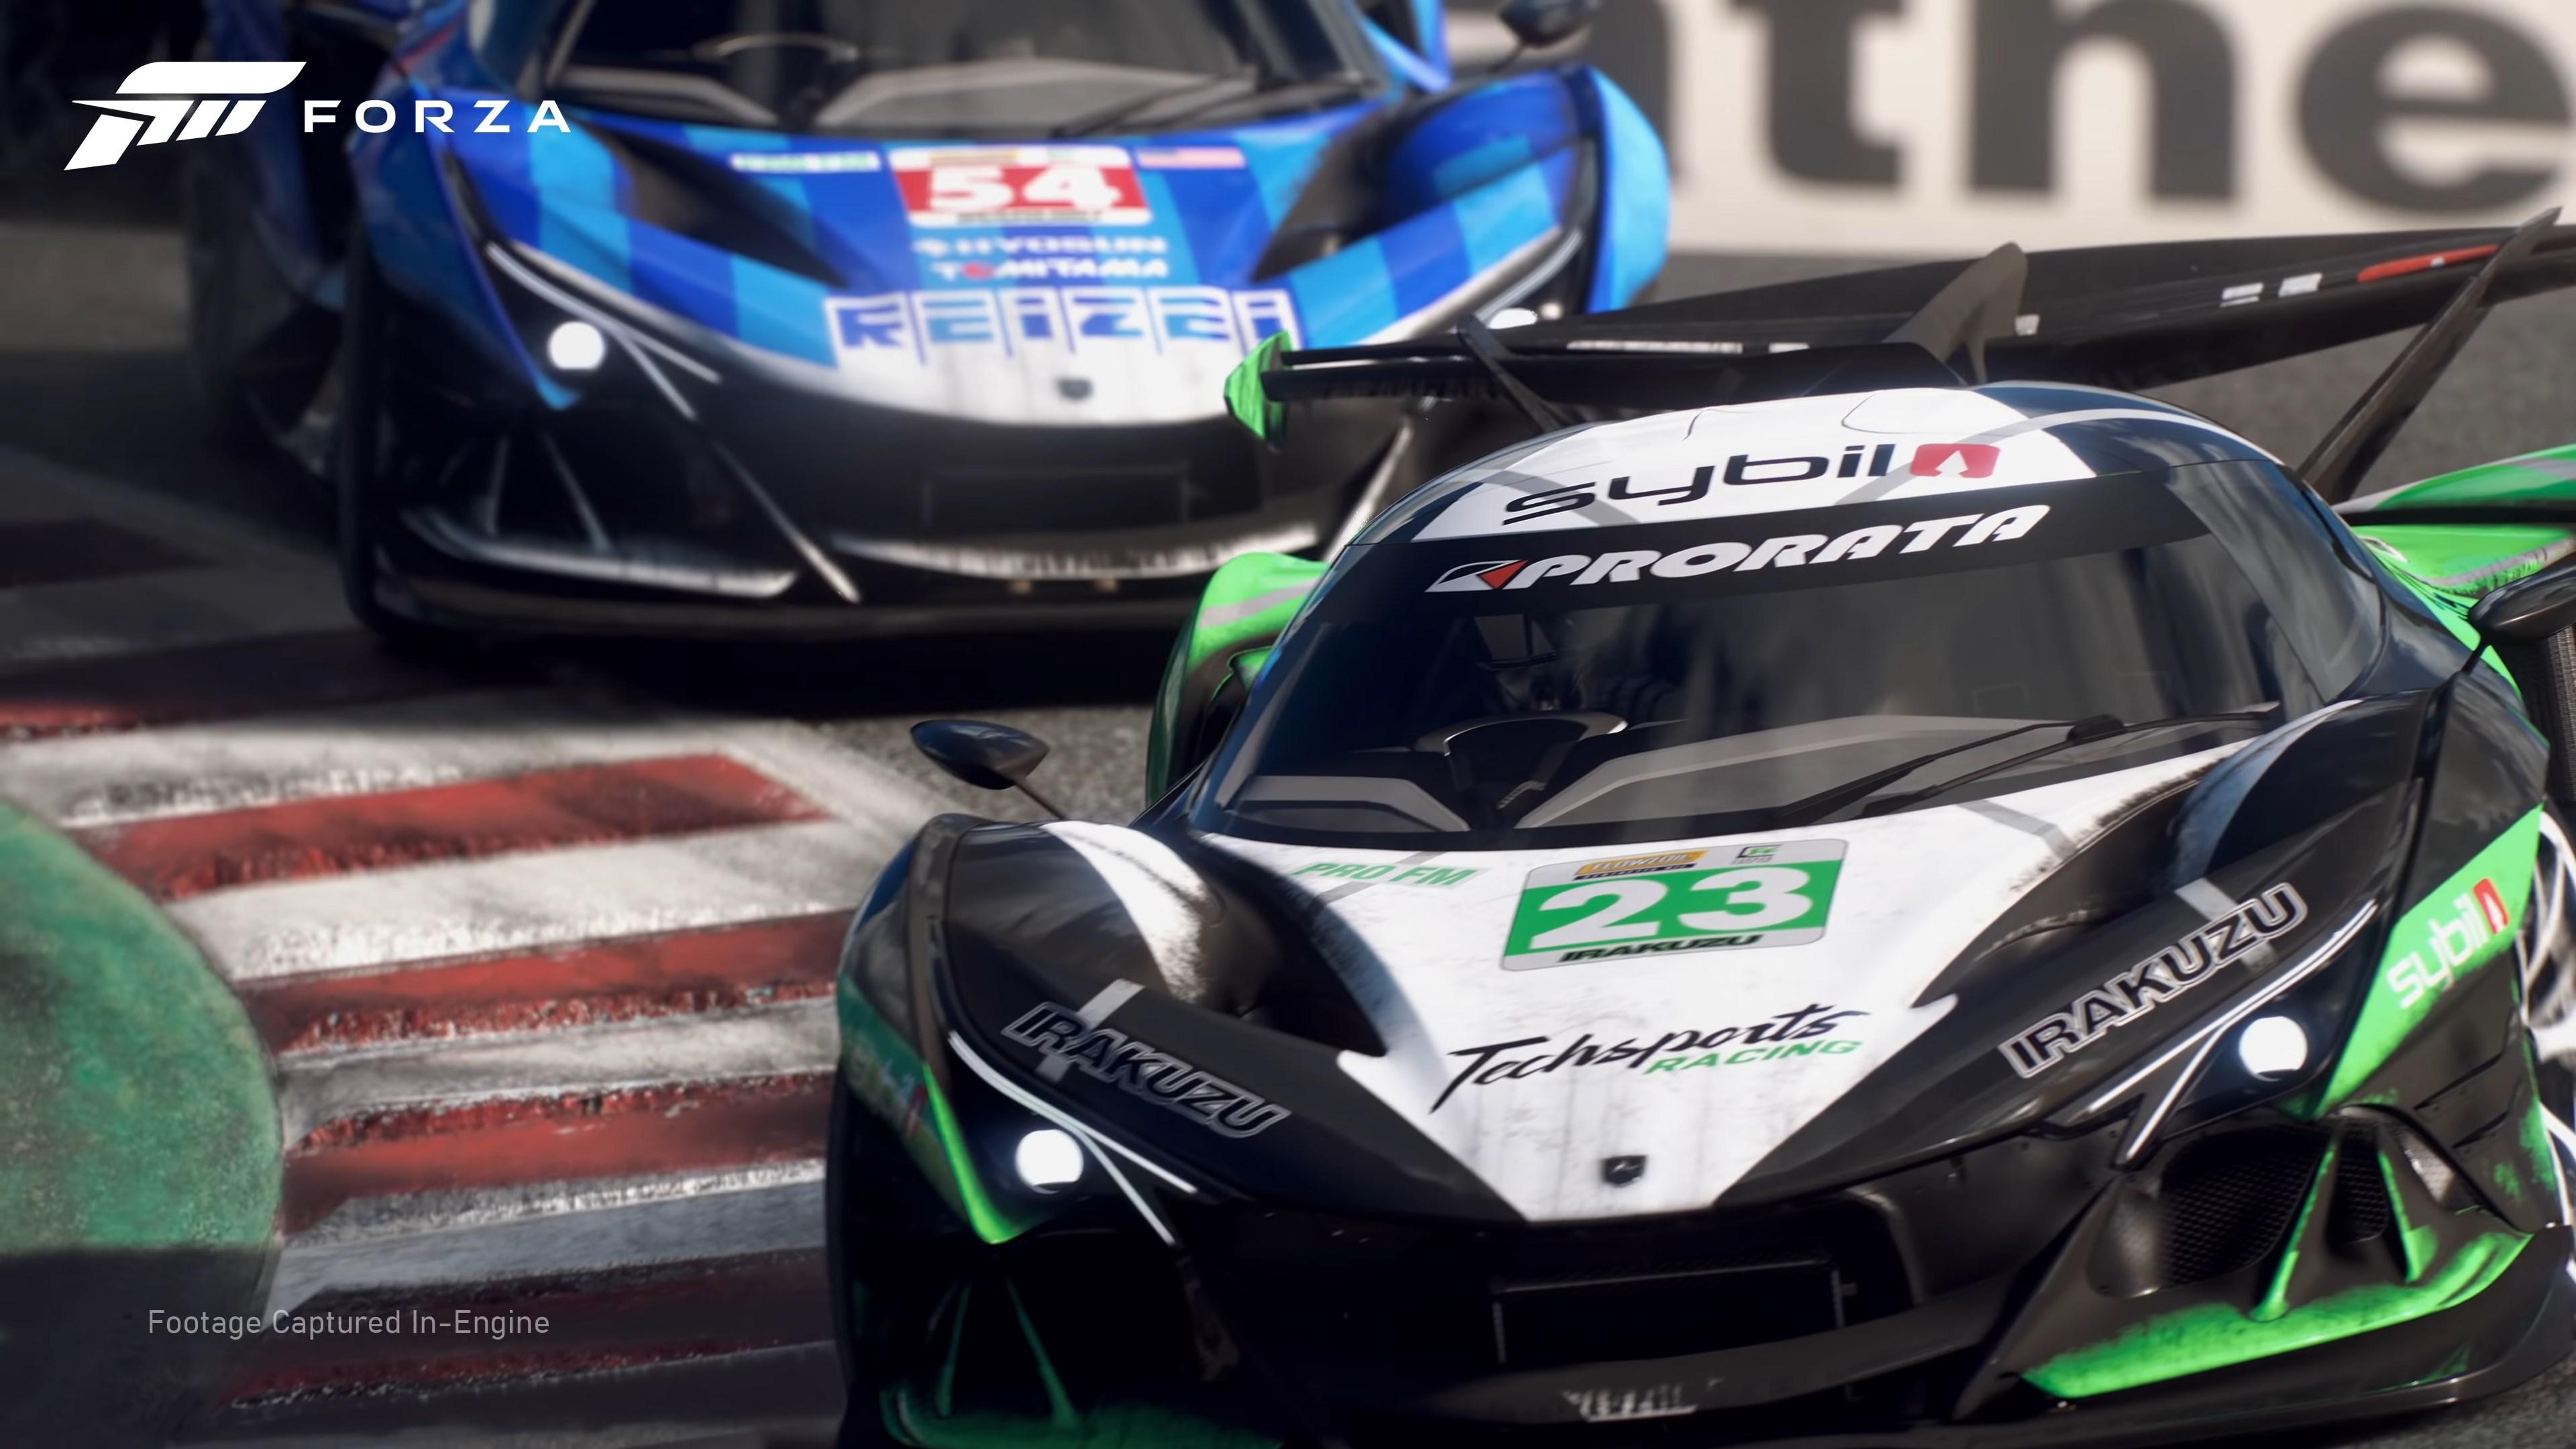 Un assaggio piccolo piccolo di Forza Motorsport 8 per Xbox Series X (video 4K)